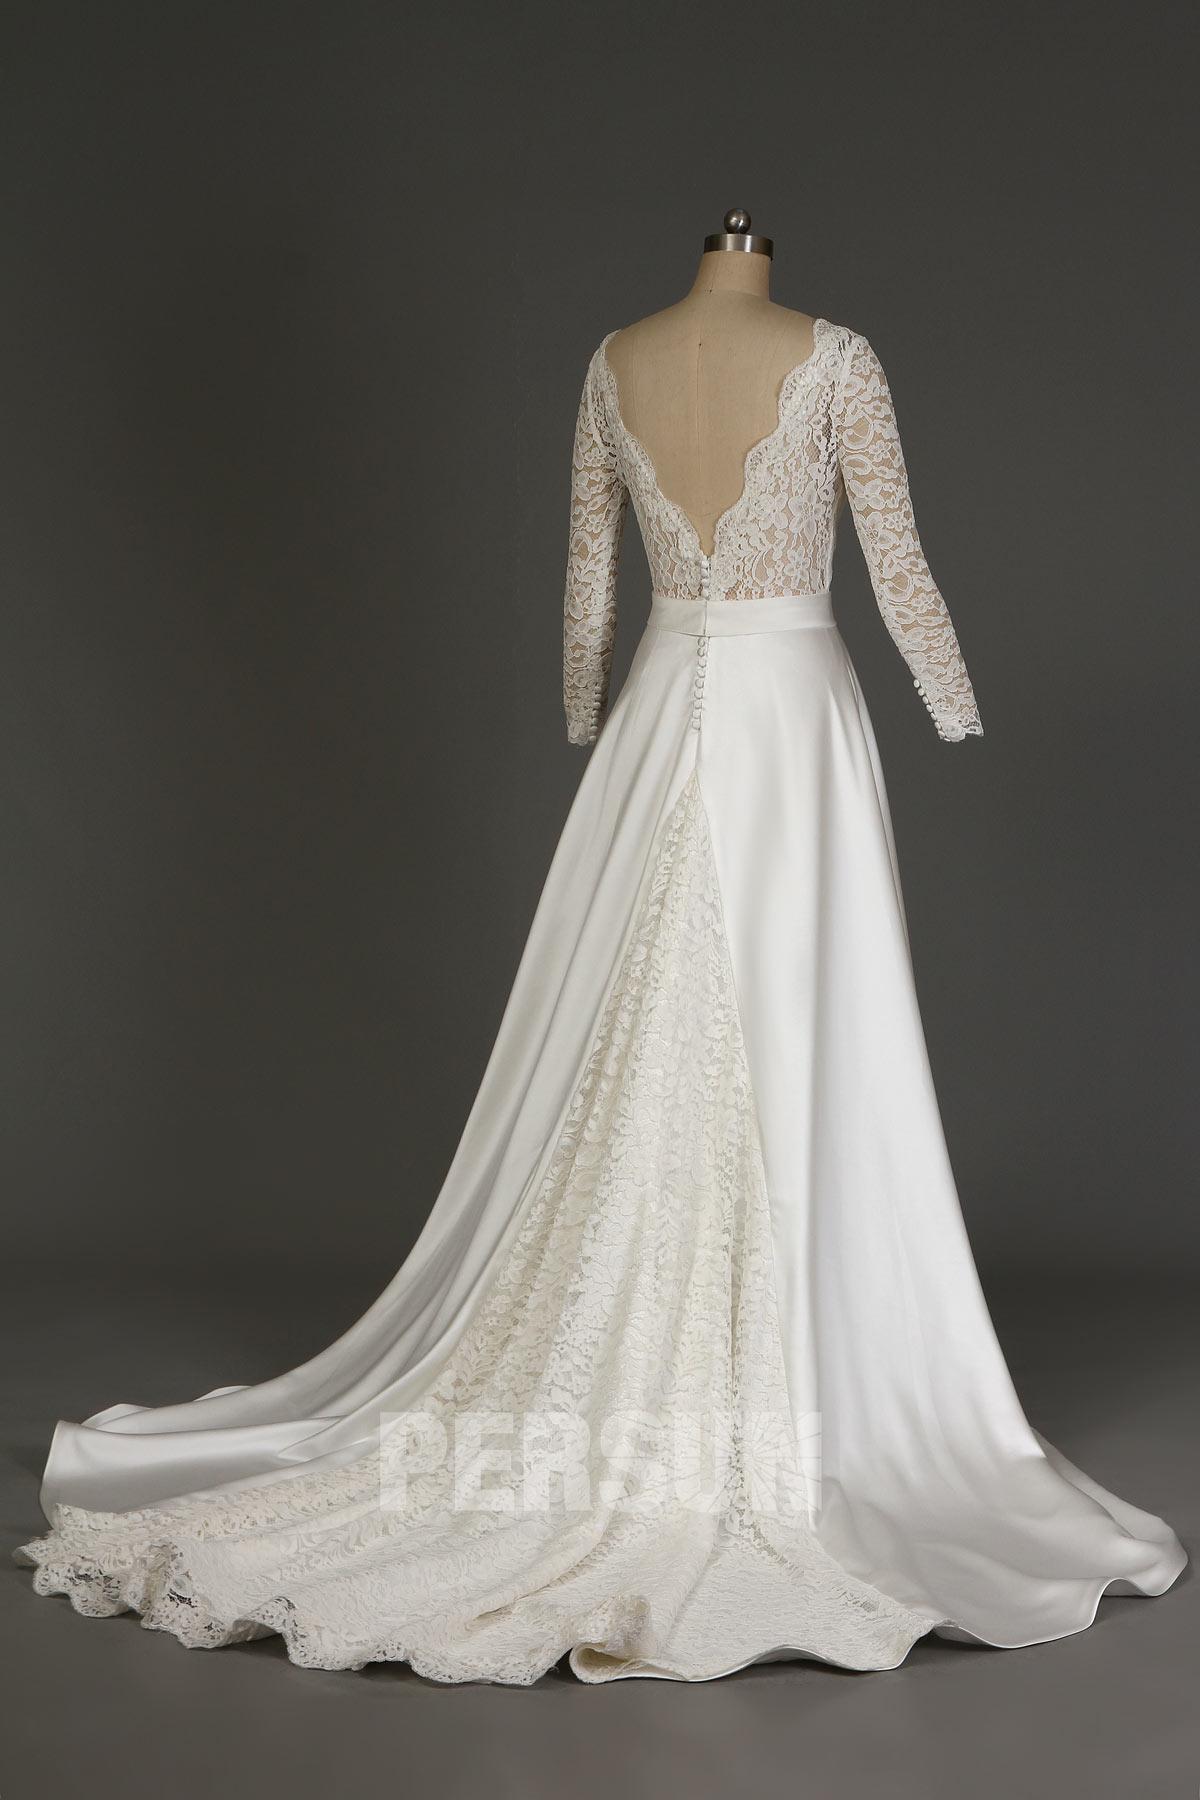 robe mariée vintage en dentelle dos en v plongeant avec manches longue transparentes